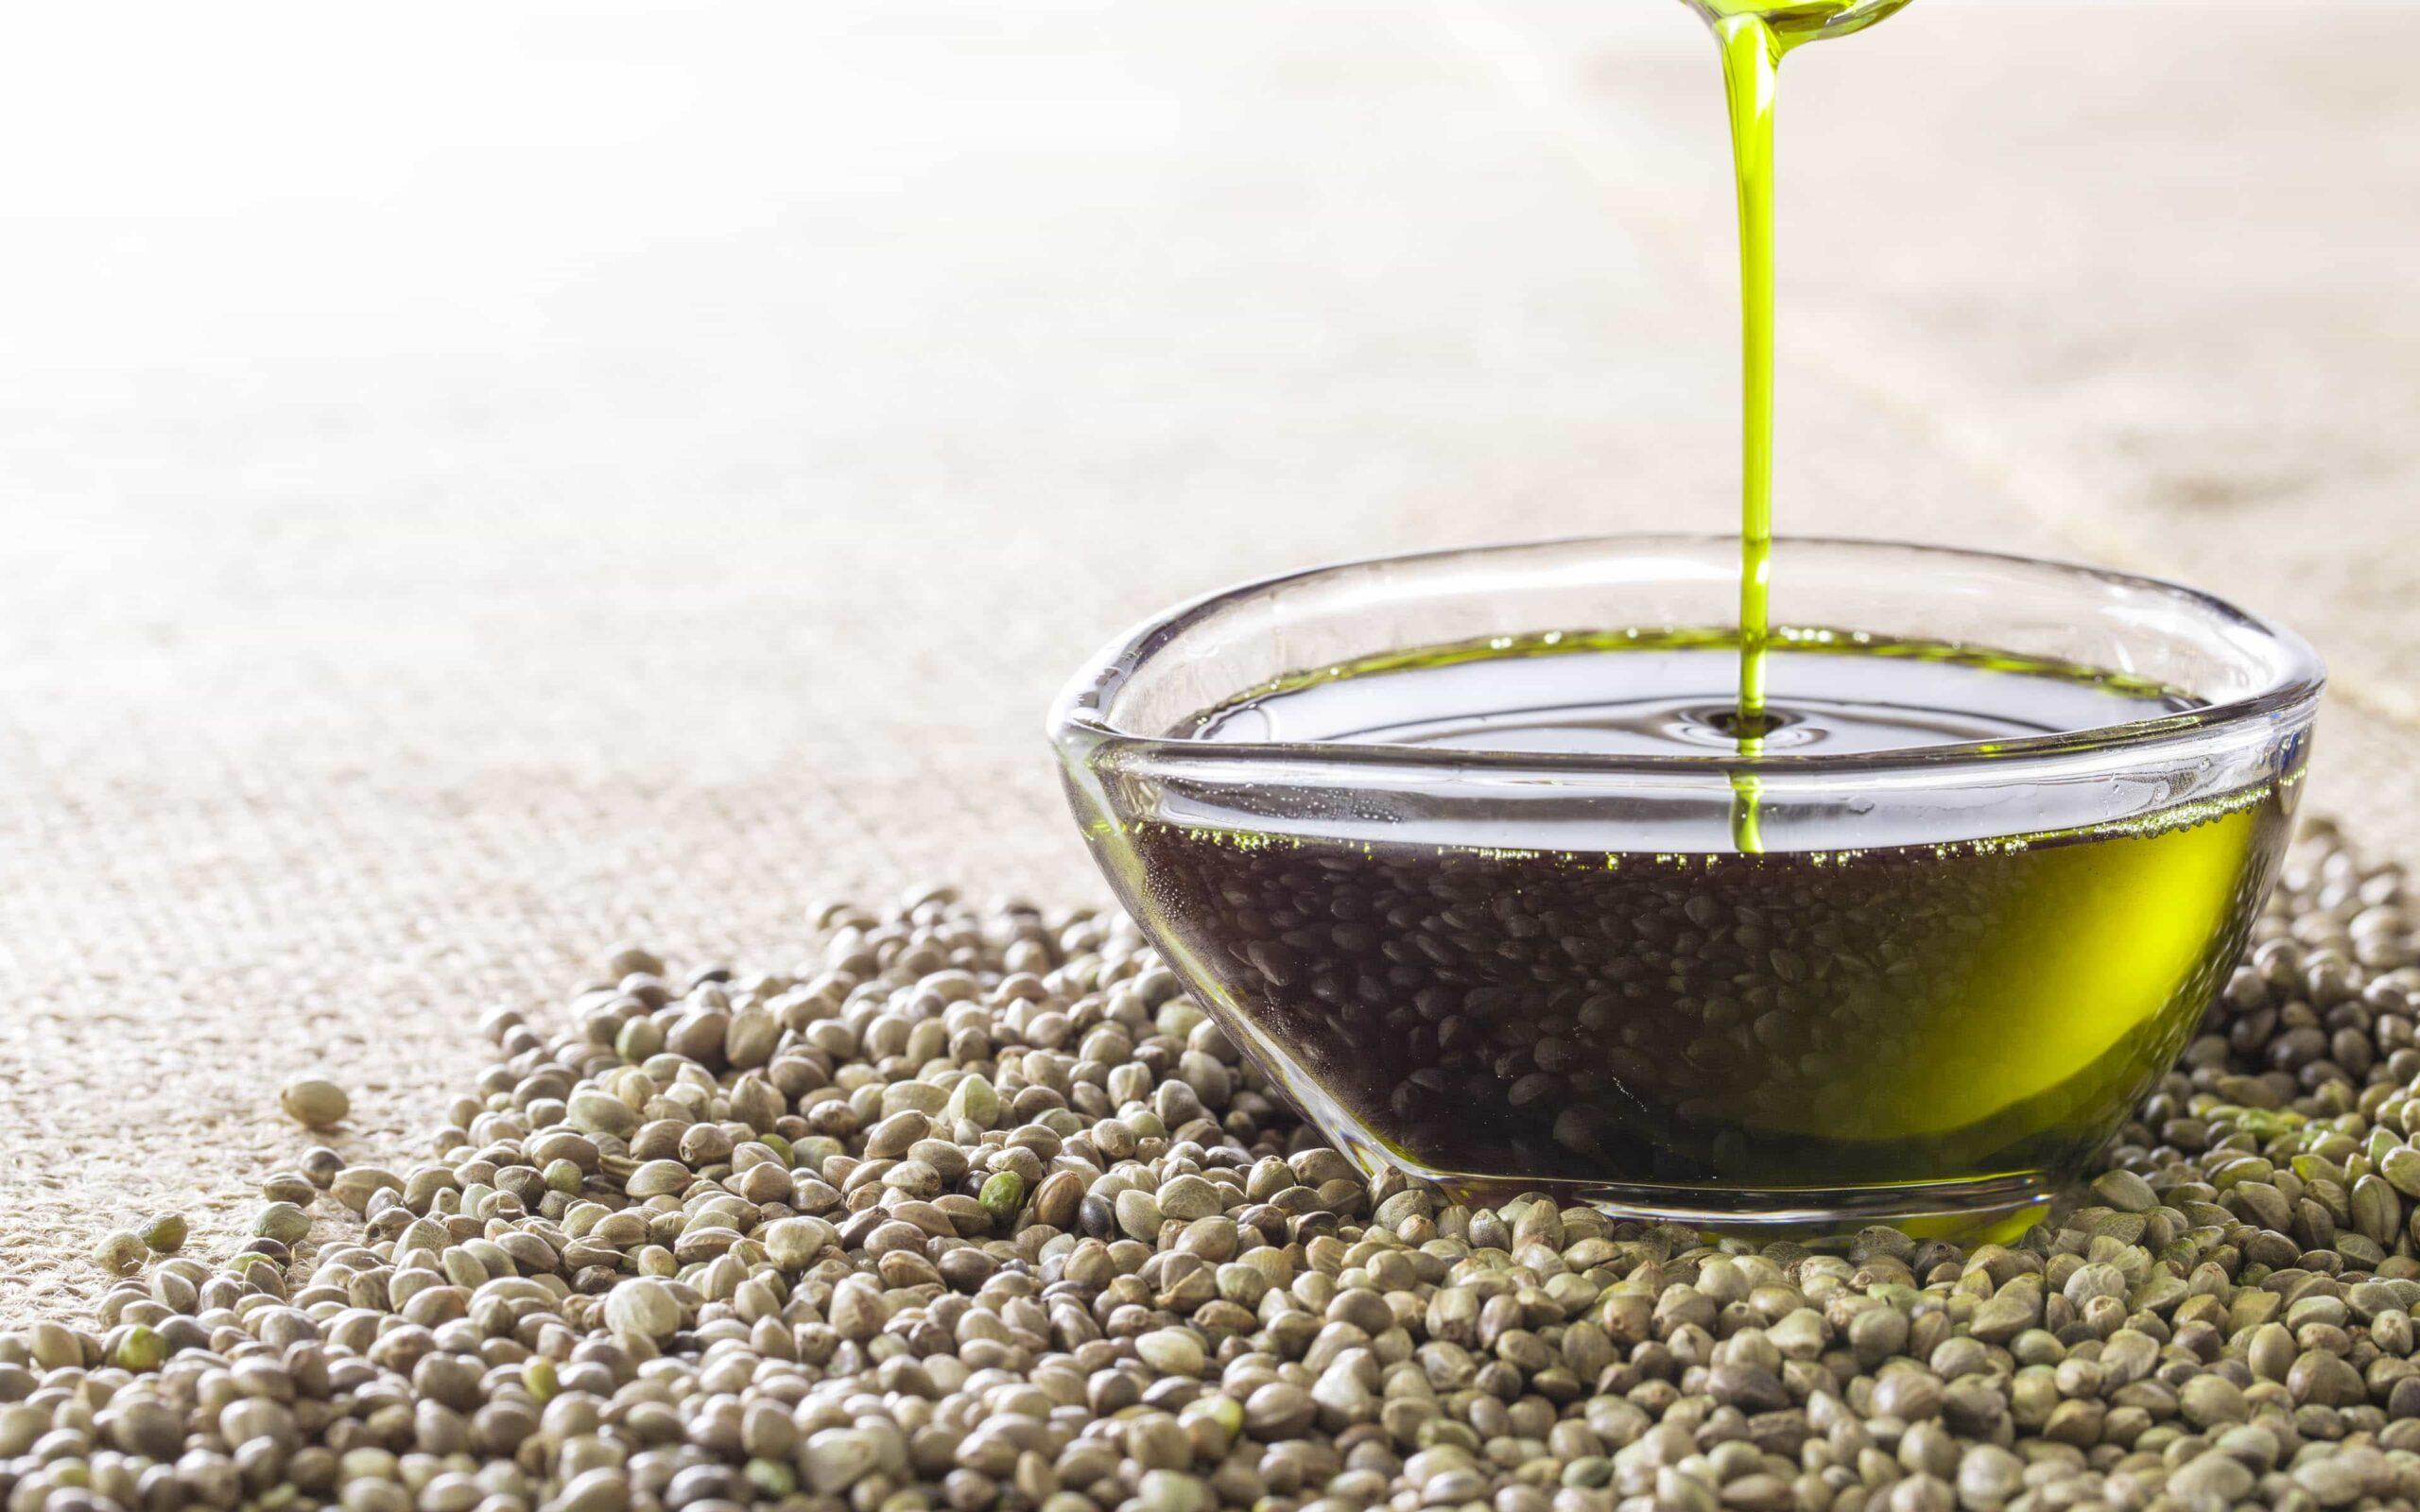 Cum alegi concentratia unui ulei CBD in functie de necesitatile tale?